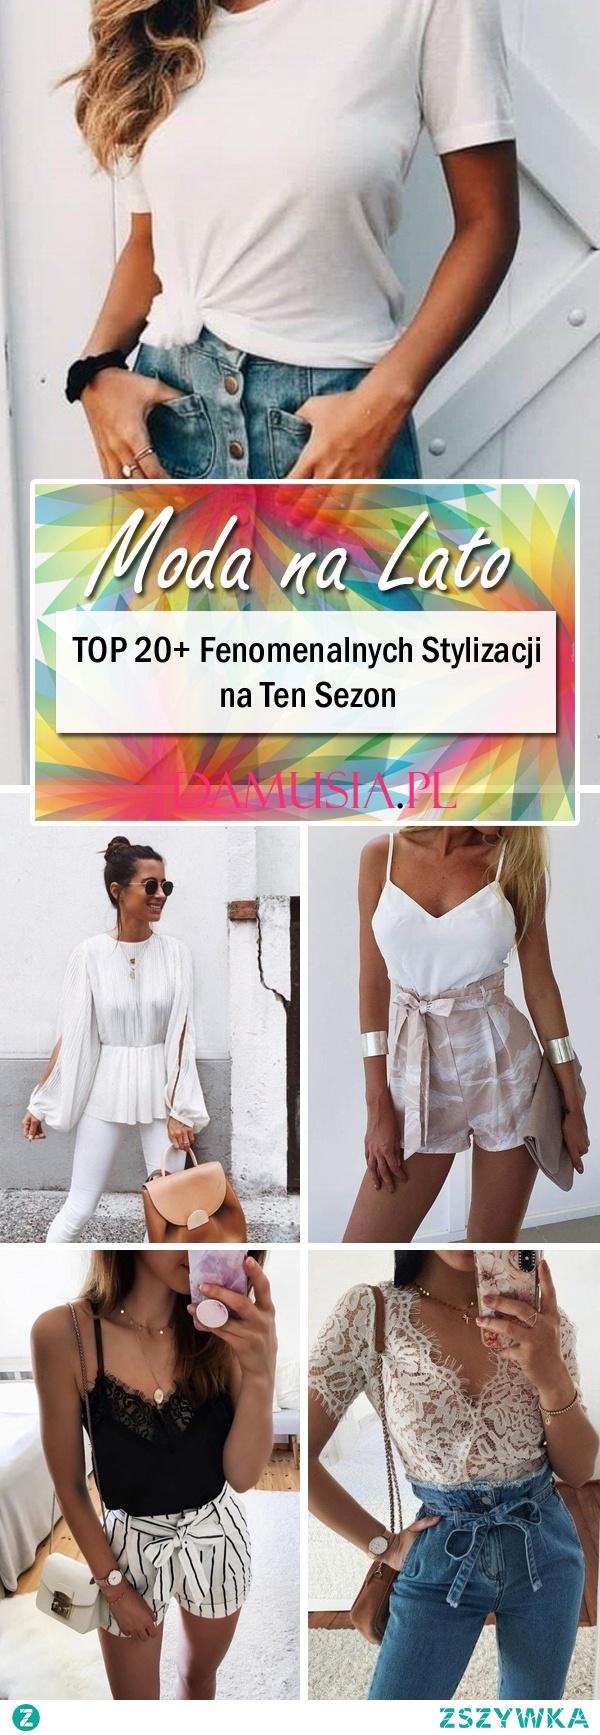 Moda na Lato – TOP 20+ Fenomenalnych Stylizacji na Ten Sezon